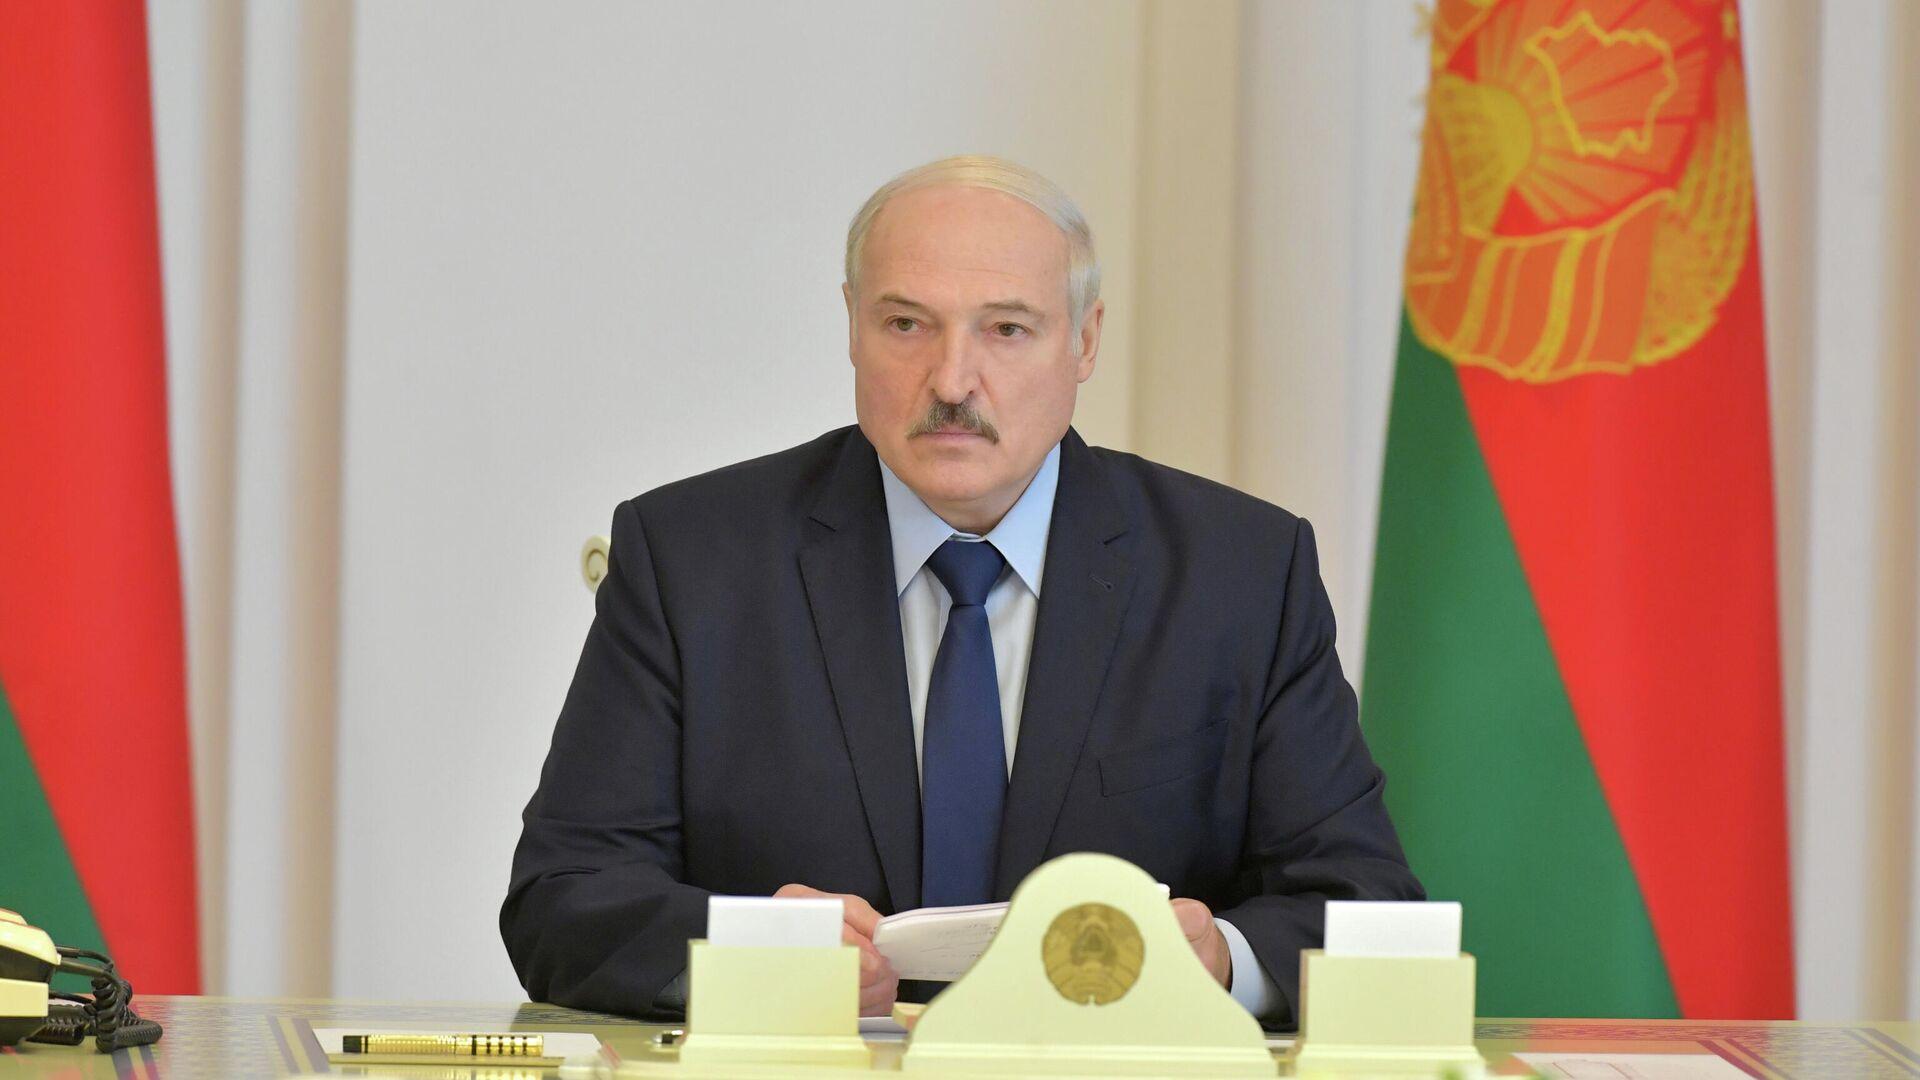 Президент Белоруссии Александр Лукашенко - РИА Новости, 1920, 07.09.2020